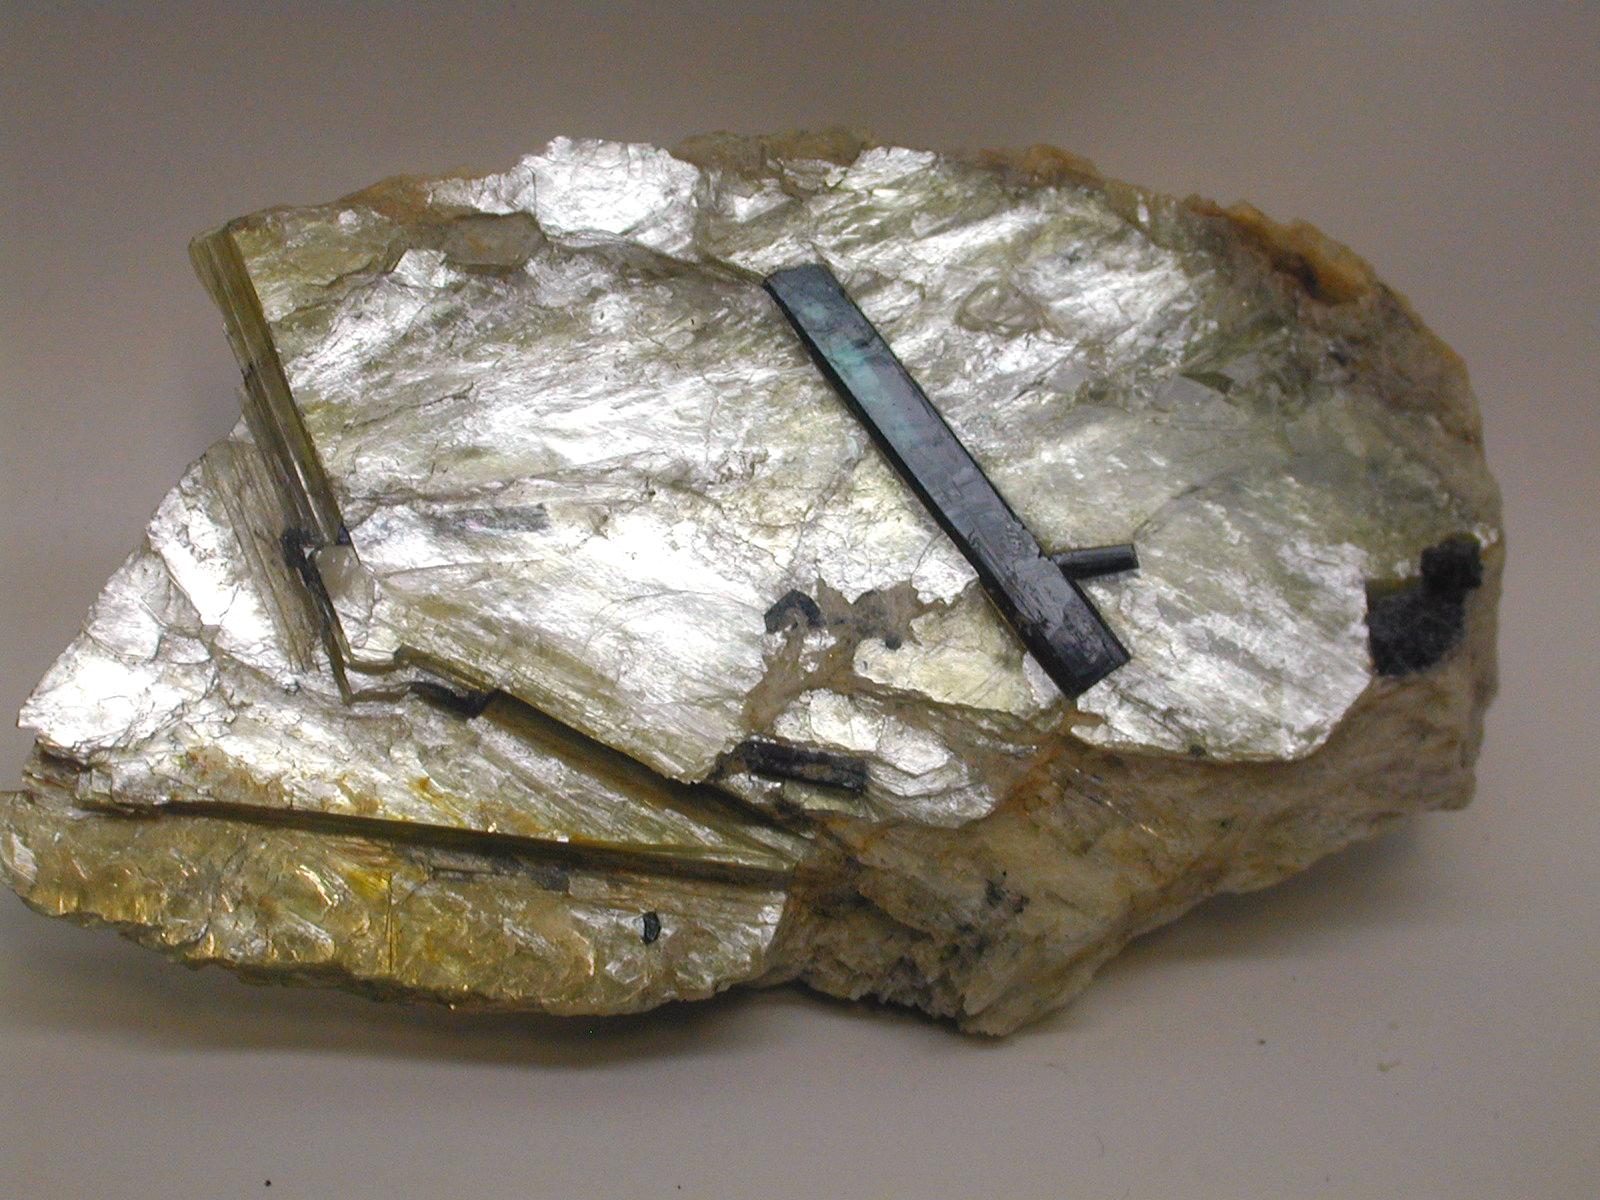 Το 4% των ορυκτών της γης έχει δημιουργηθεί χάρη στους ανθρώπους